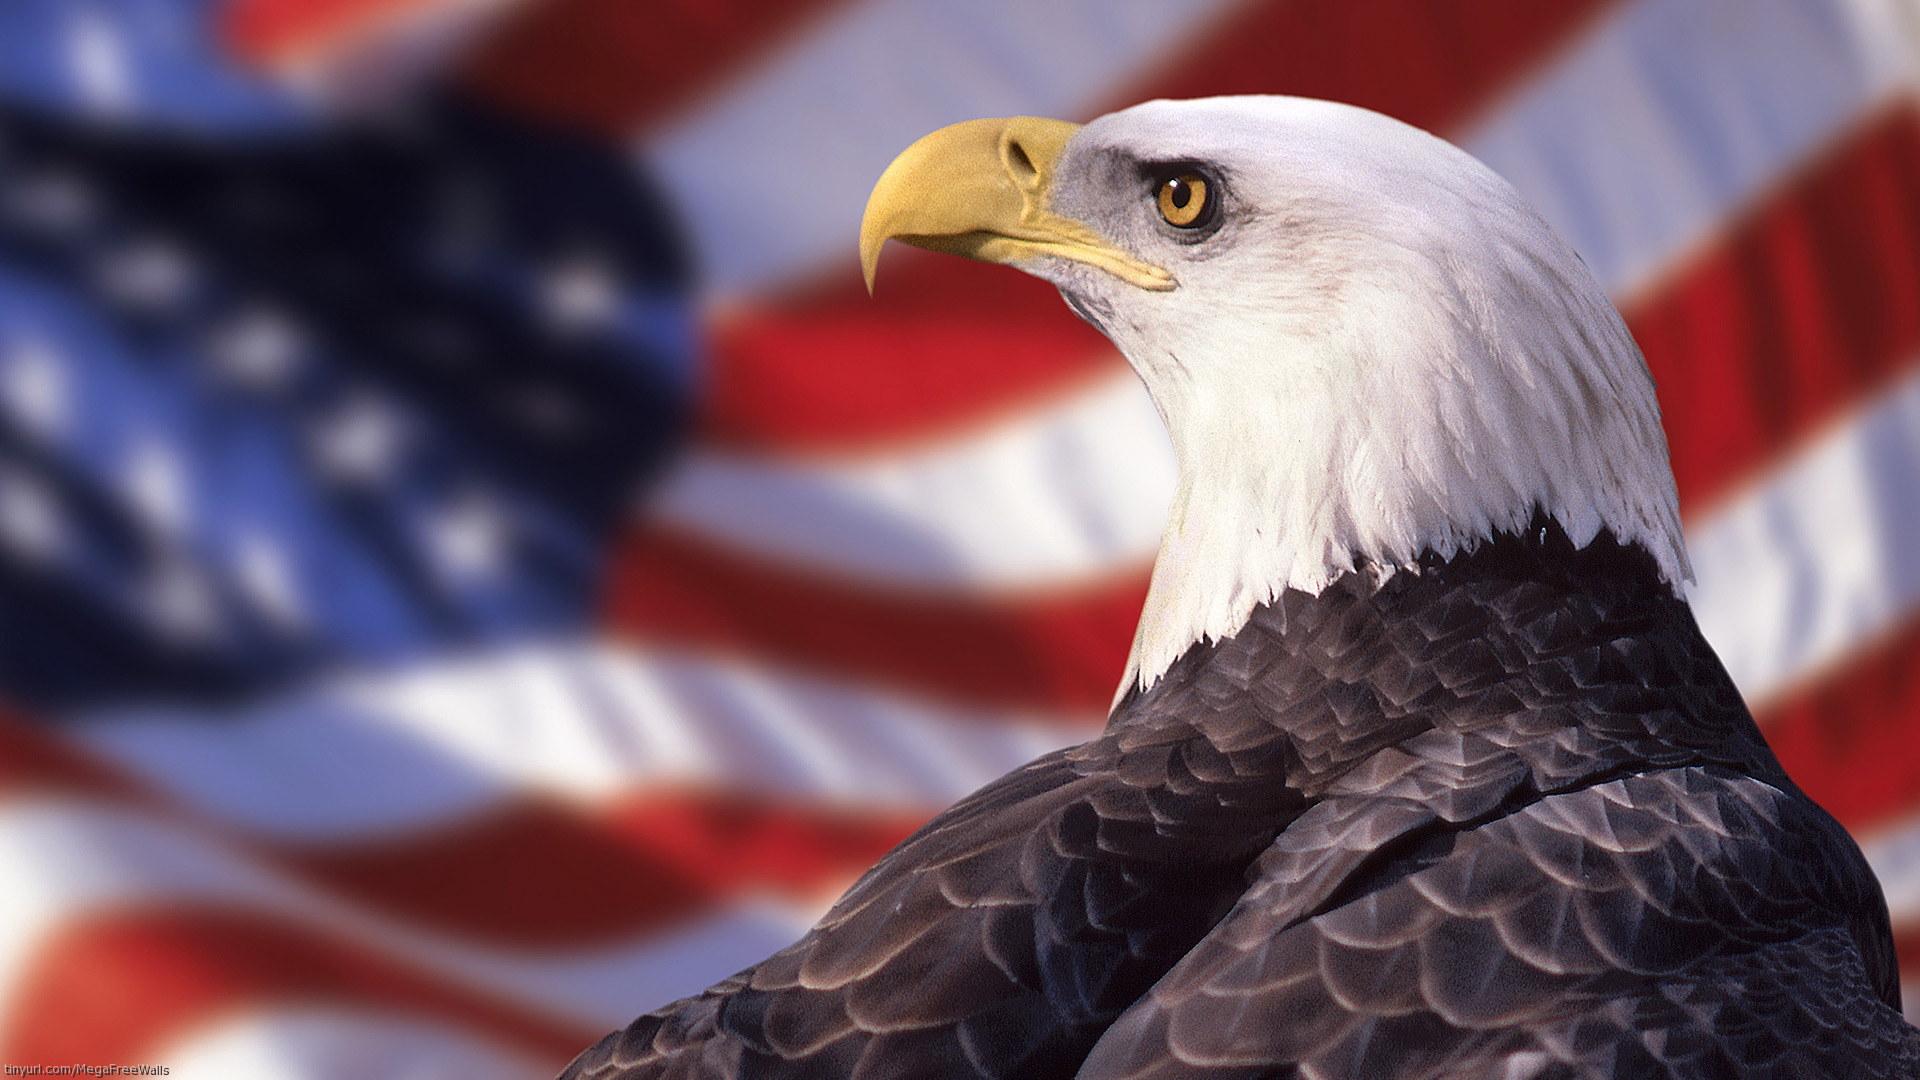 Eagle HD Photos Download Desktop Wallpaper Images Pictures 1920x1080